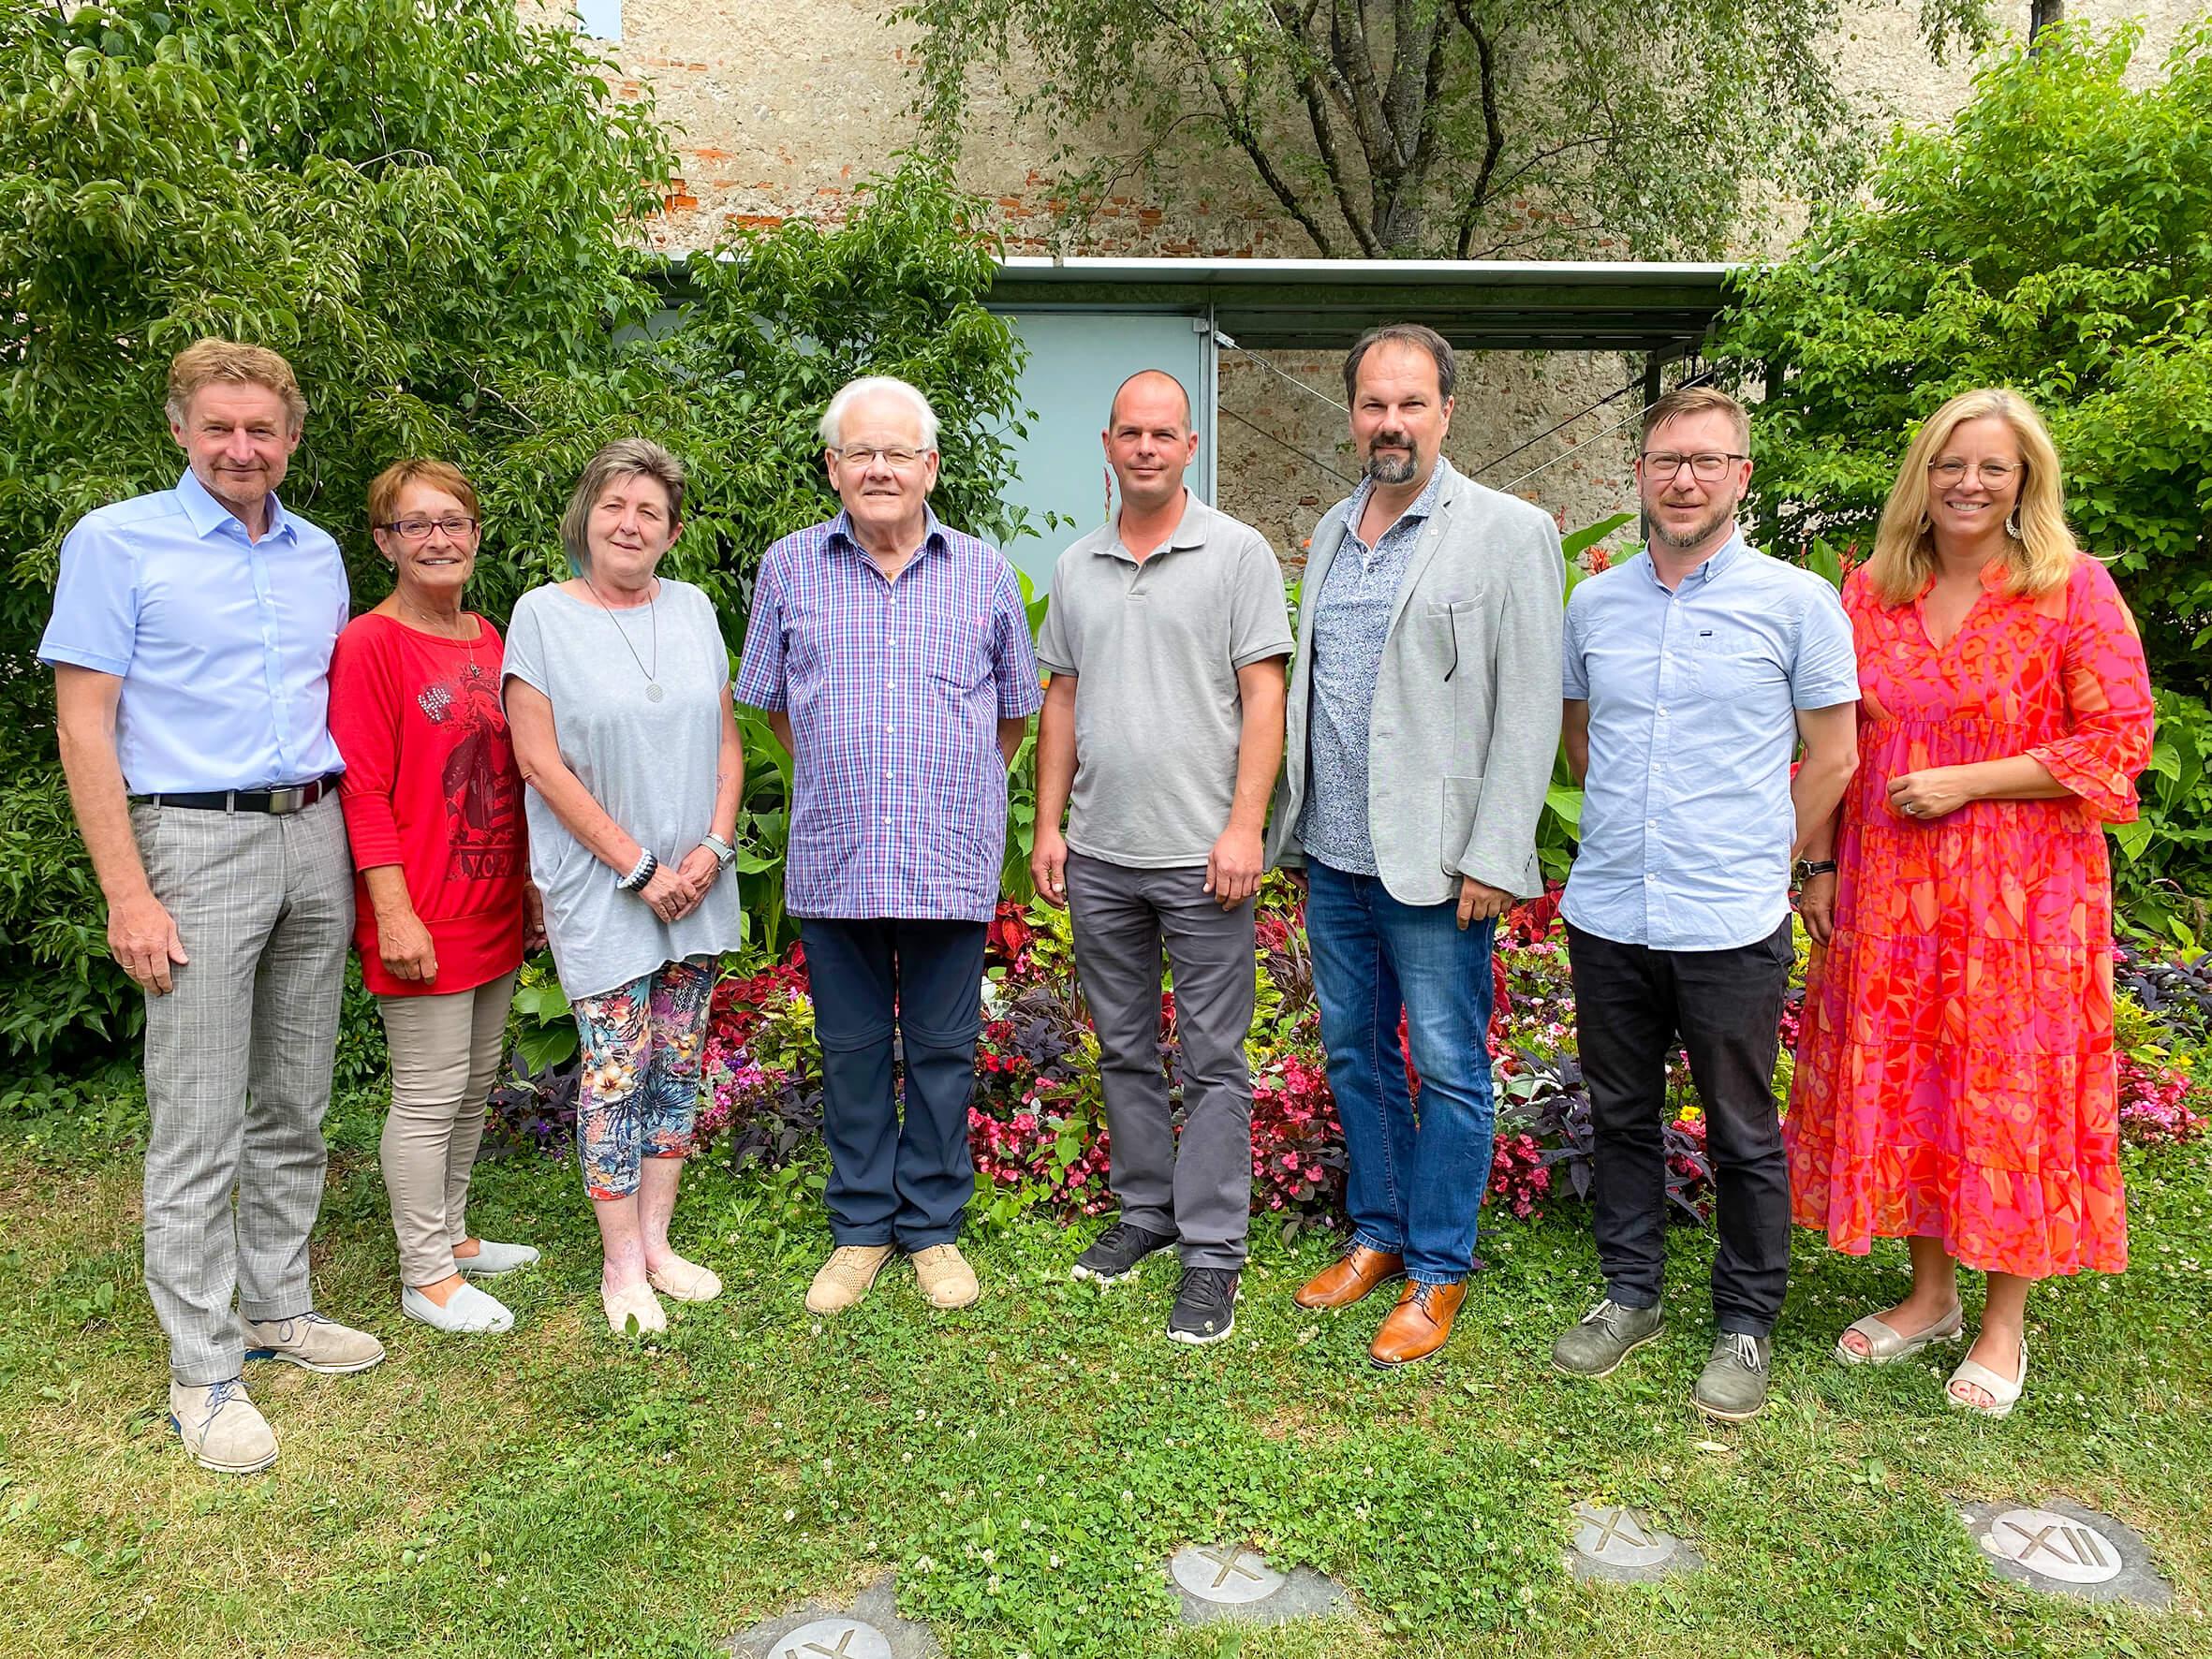 Die beiden Referenten stehen gemeinsam mit den Nachbarschaftssprechern und den Mitarbeitern von Wohnen im Dialog und der Welser Heimstätte auf einer Wiese